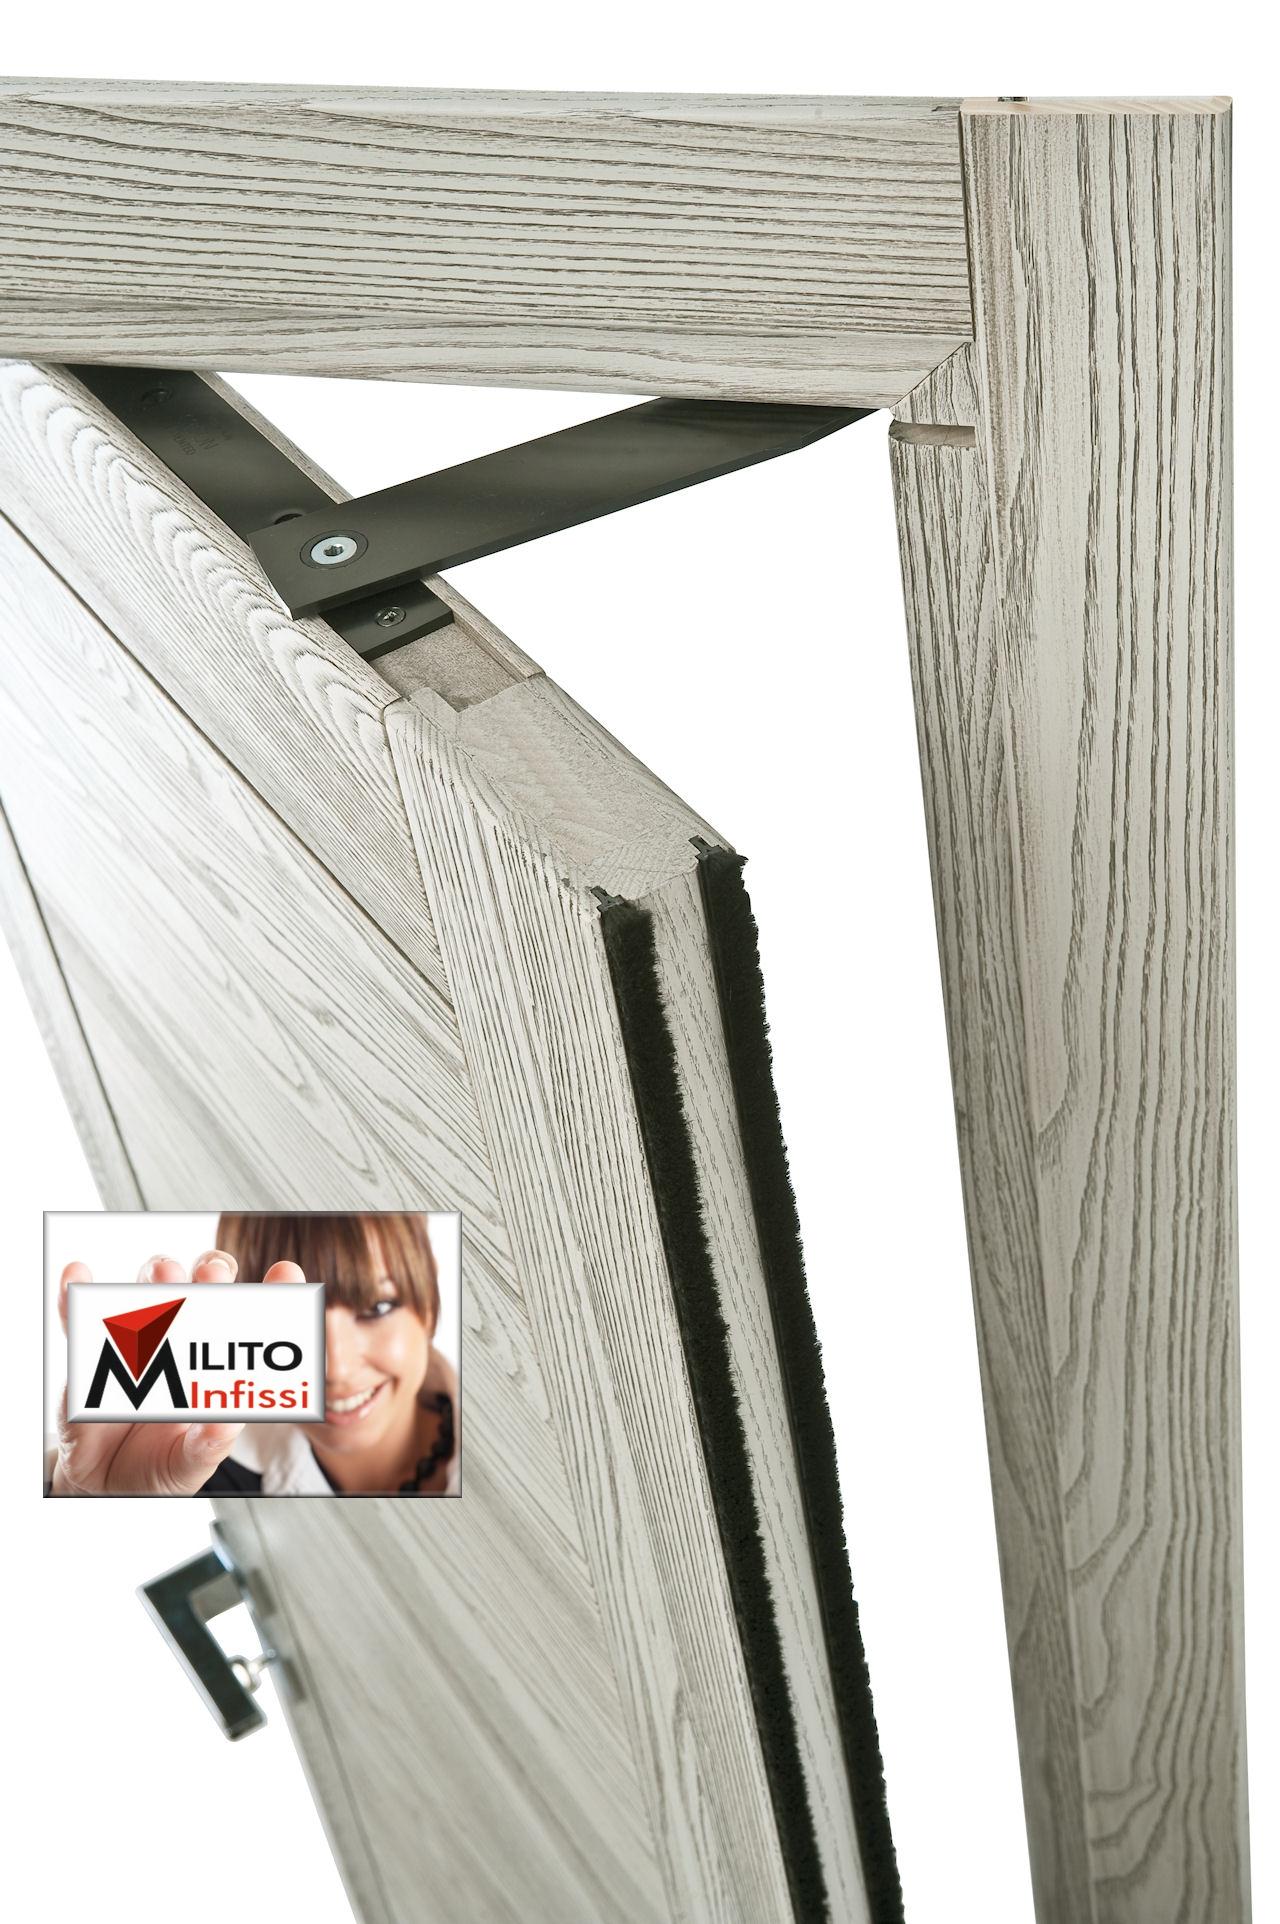 particolare porta in legno rototlaslante